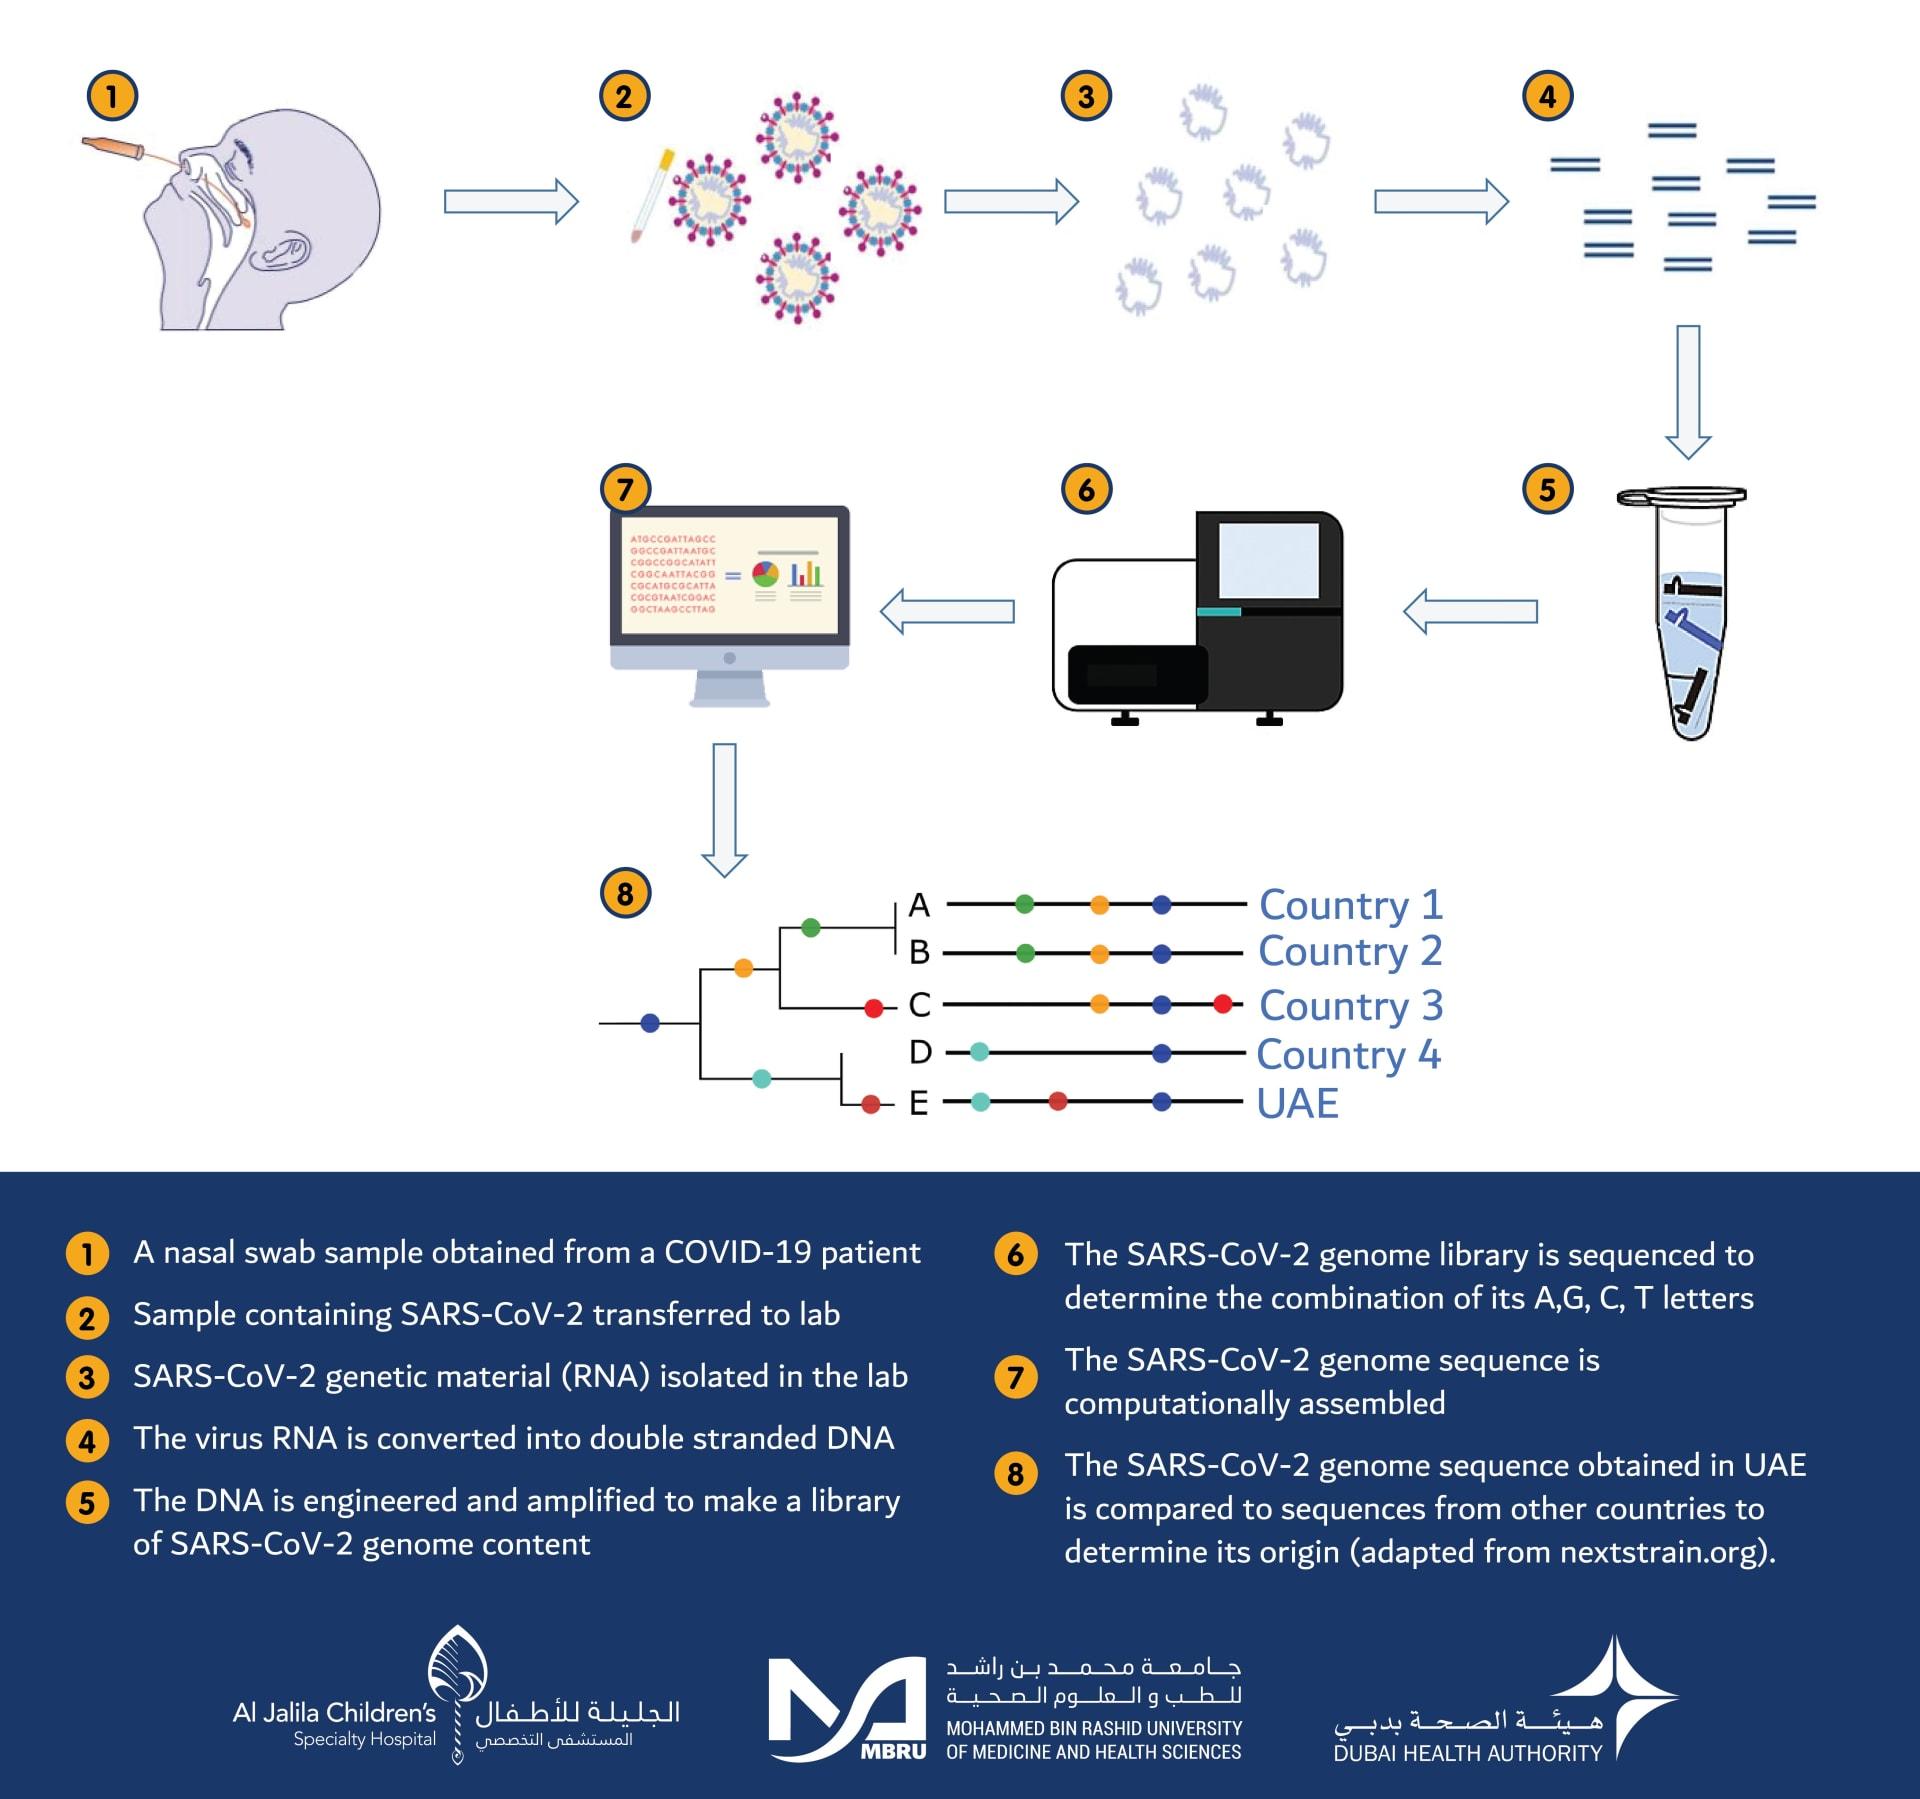 دراسة التسلسل الجيني لفيروس كورونا المستجد